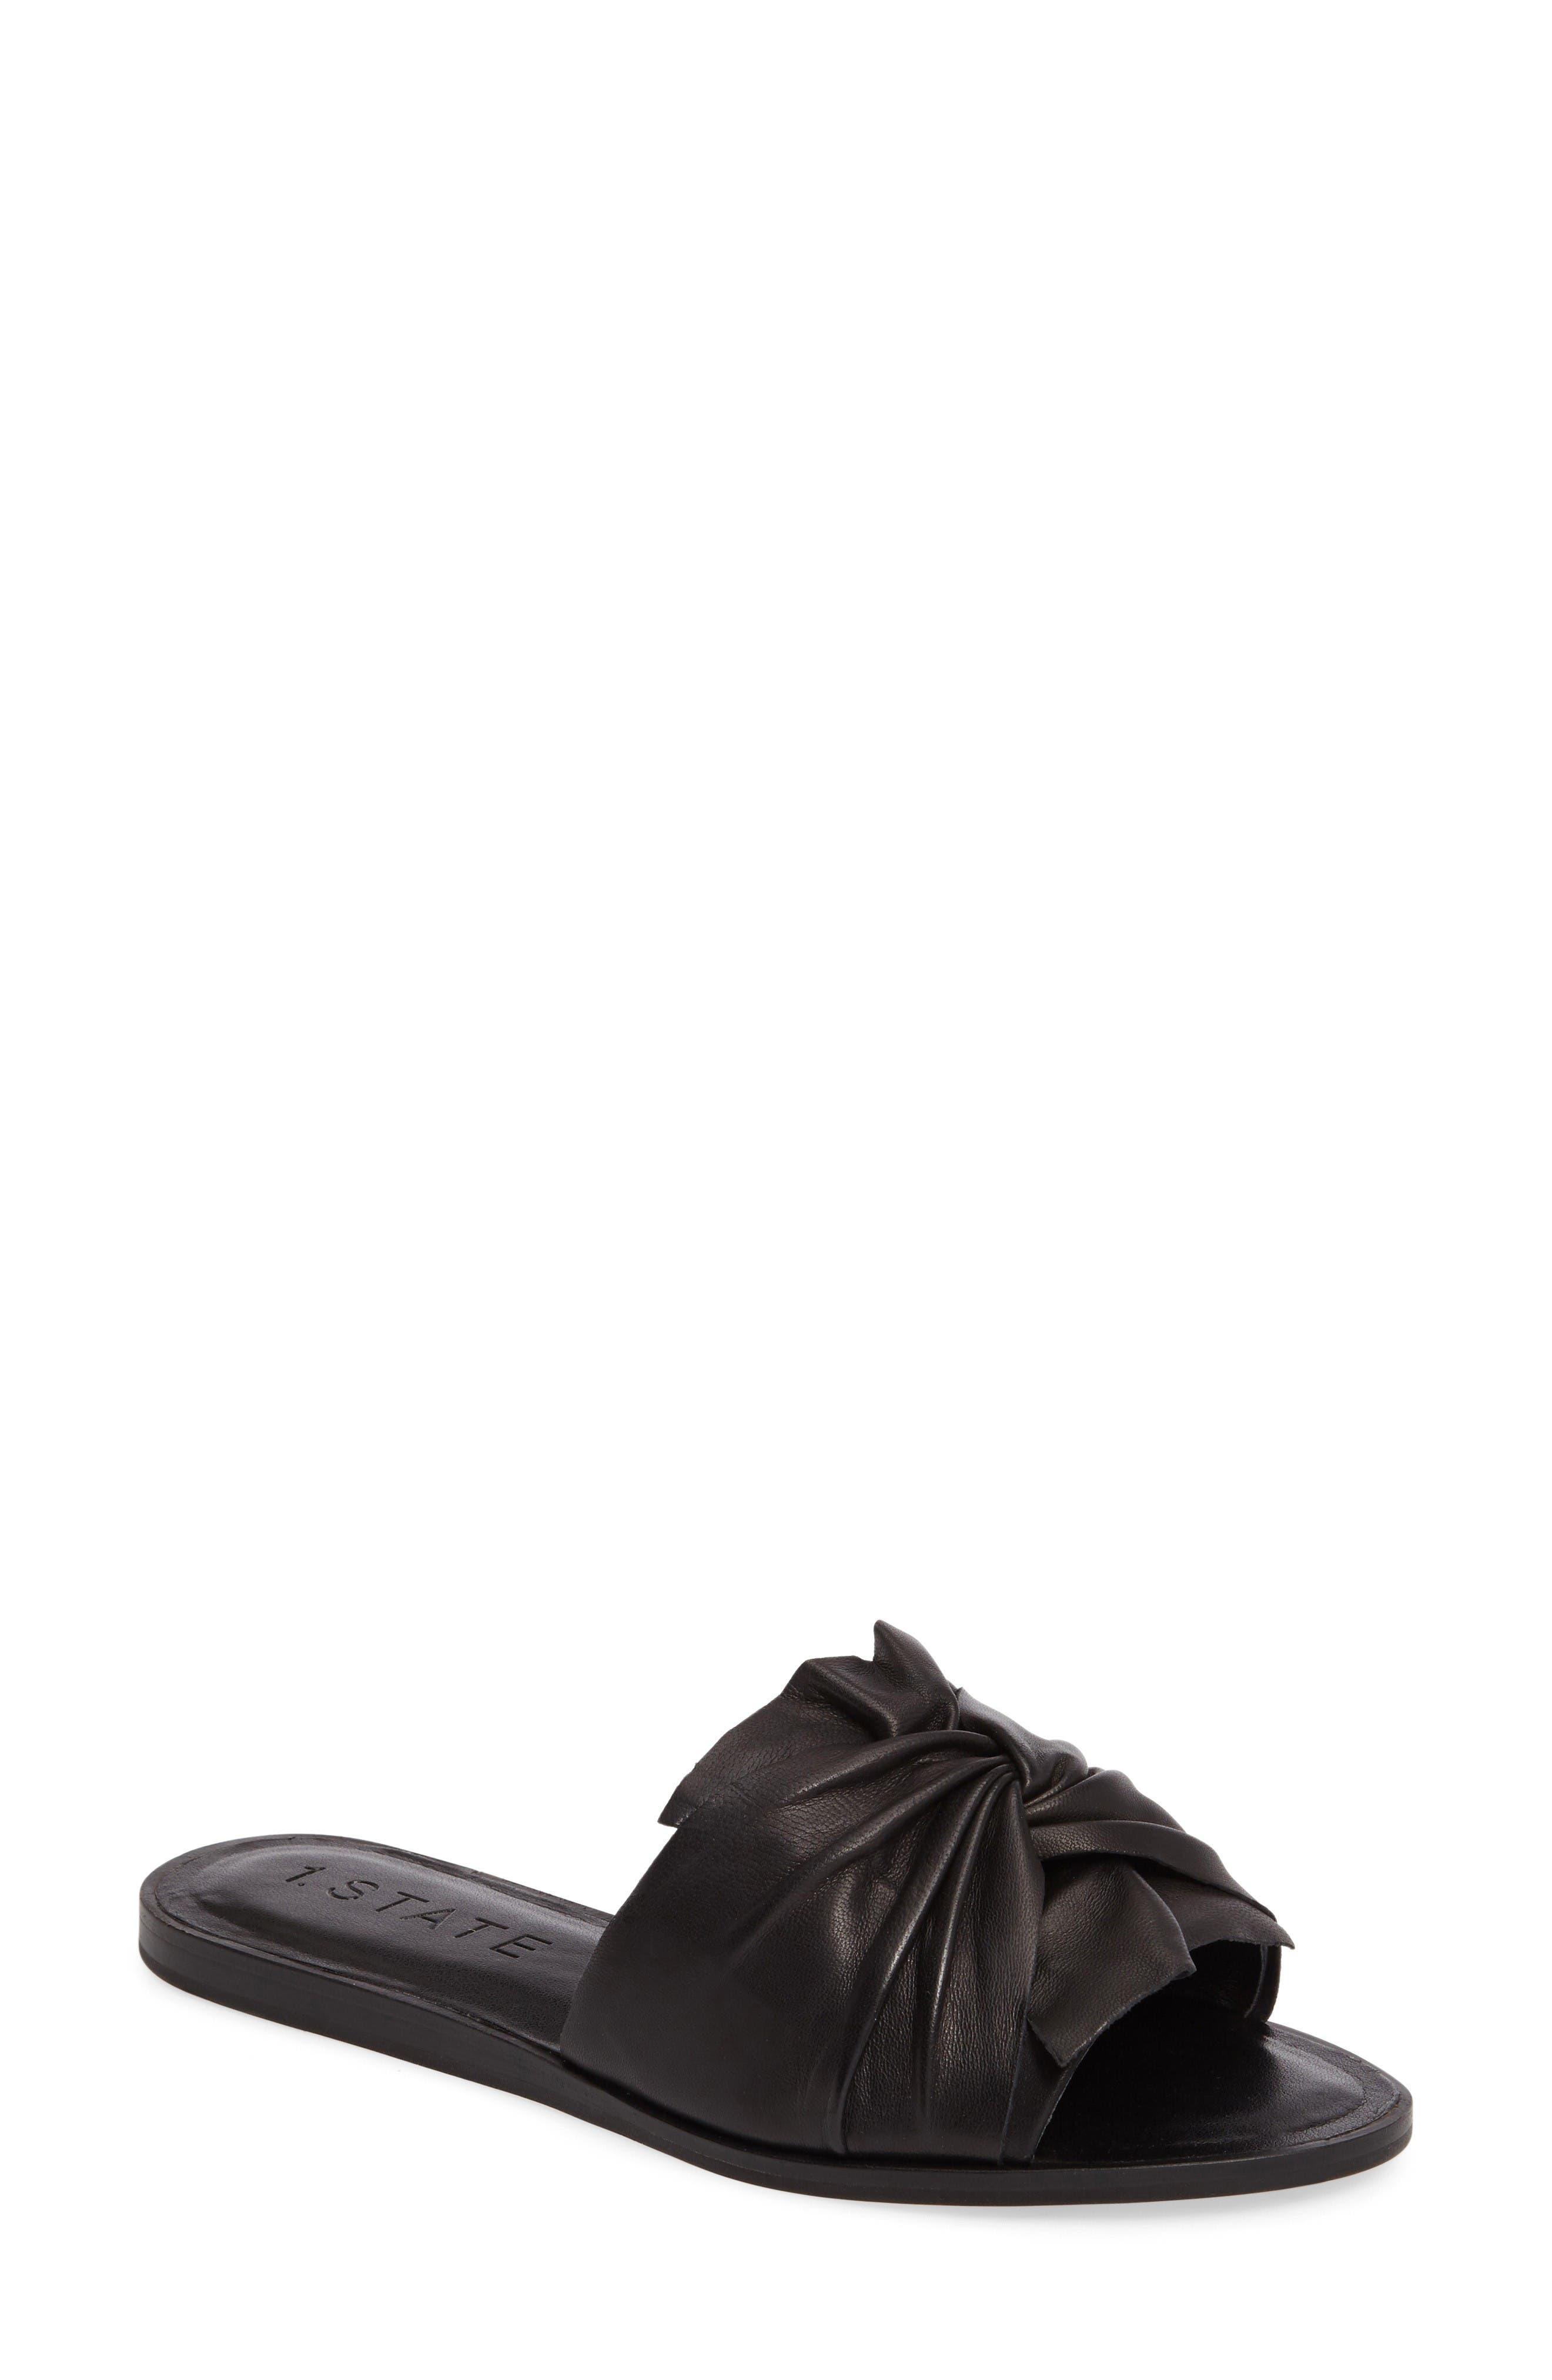 Main Image - 1.STATE Chevonn Slide Sandal (Women)